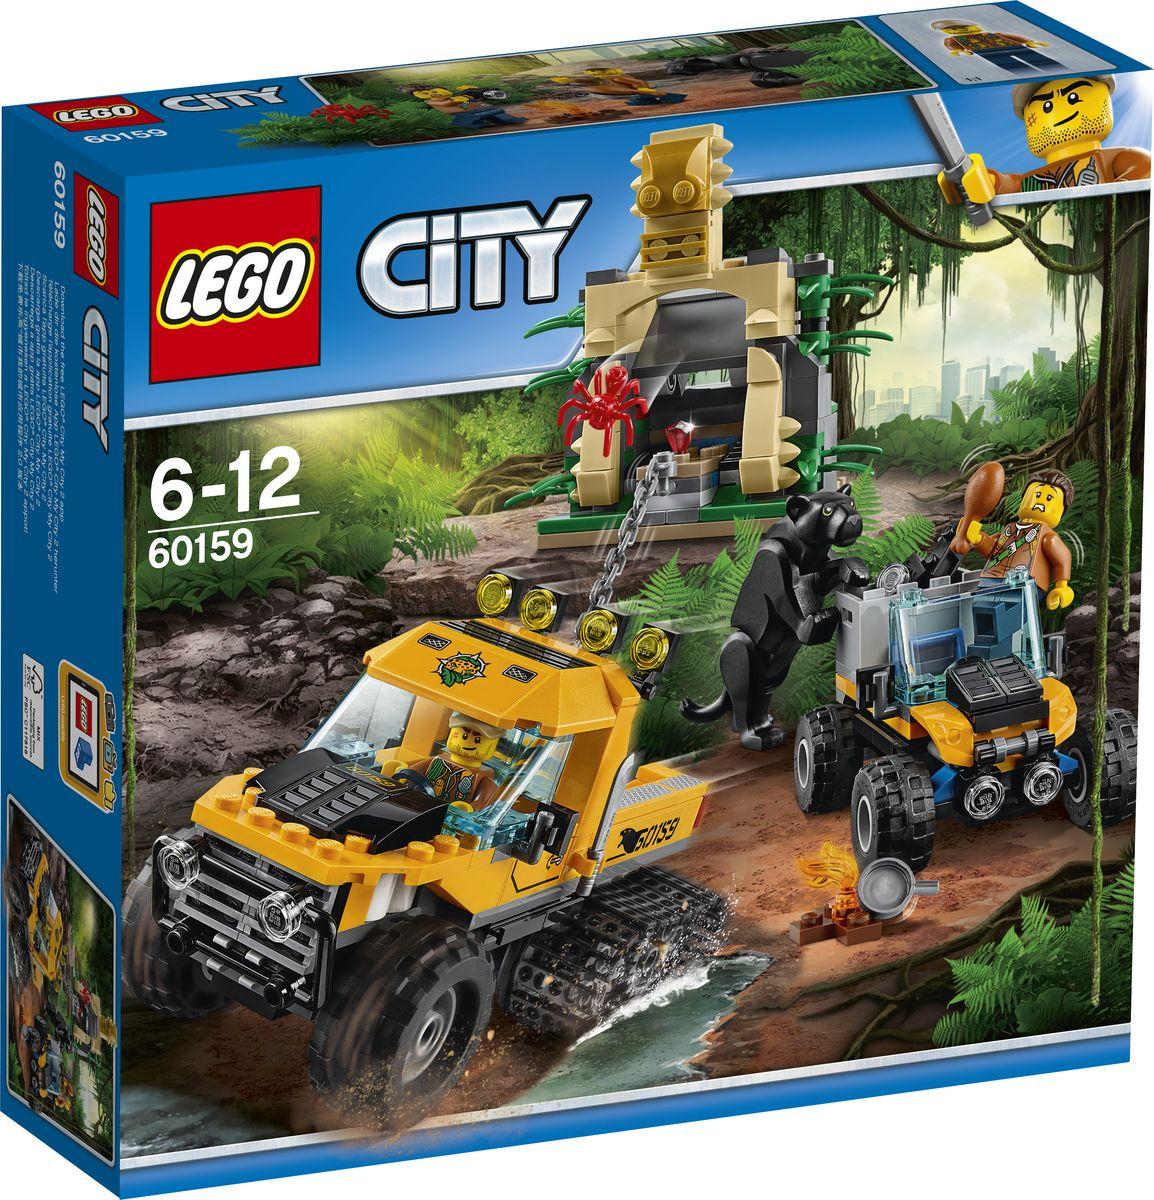 LEGO City Jungle Explorer Конструктор Миссия Исследование джунглей 60159 конструкторы lego lego грузовой вертолёт исследователей джунглей city jungle explorer 60158